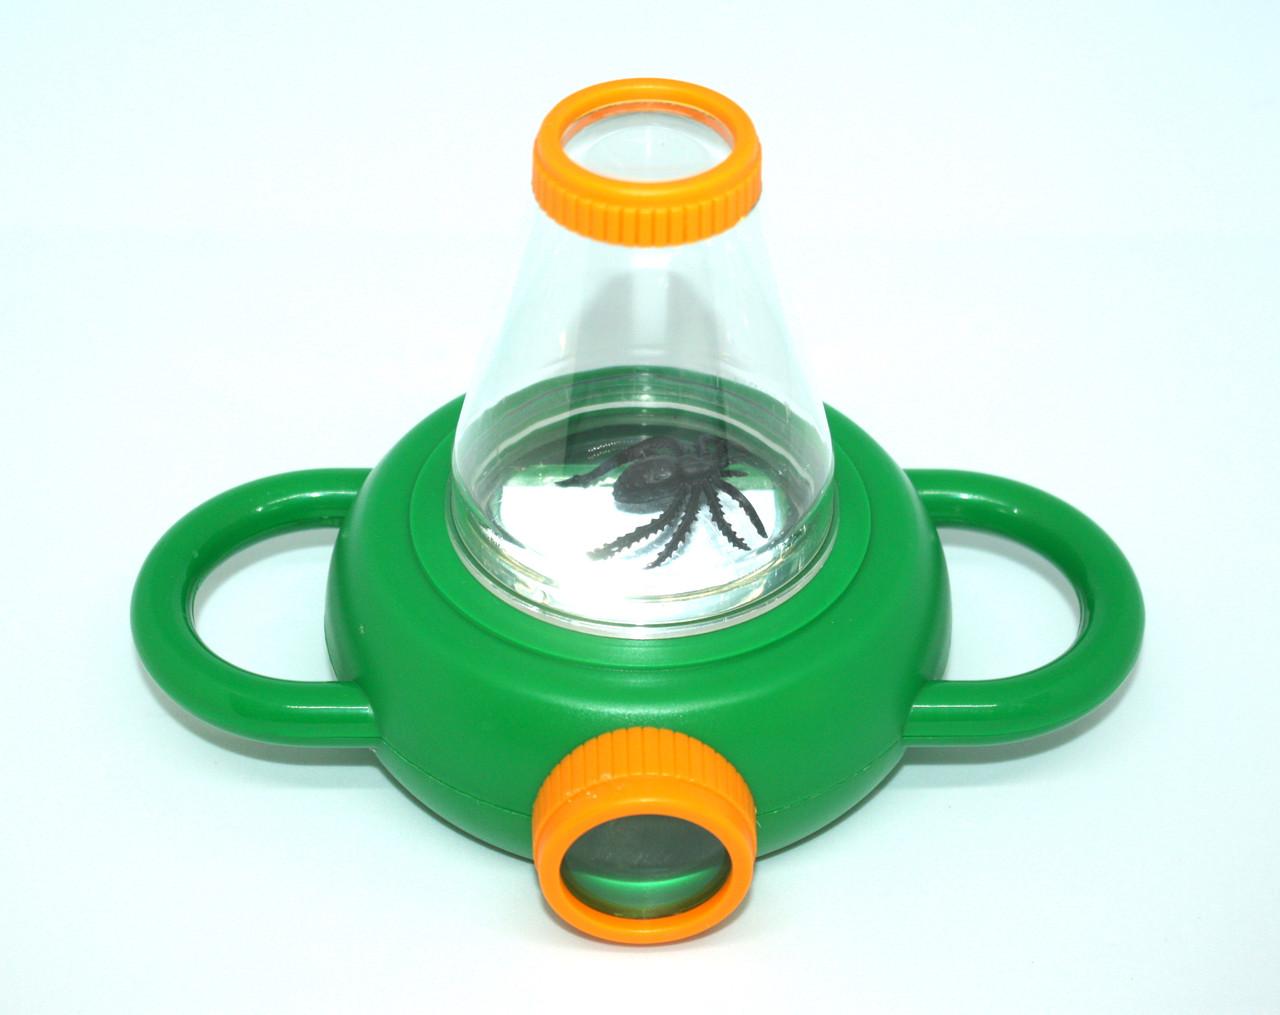 Банка пластикова з кришкою-лупою (для спостереження за комахами)